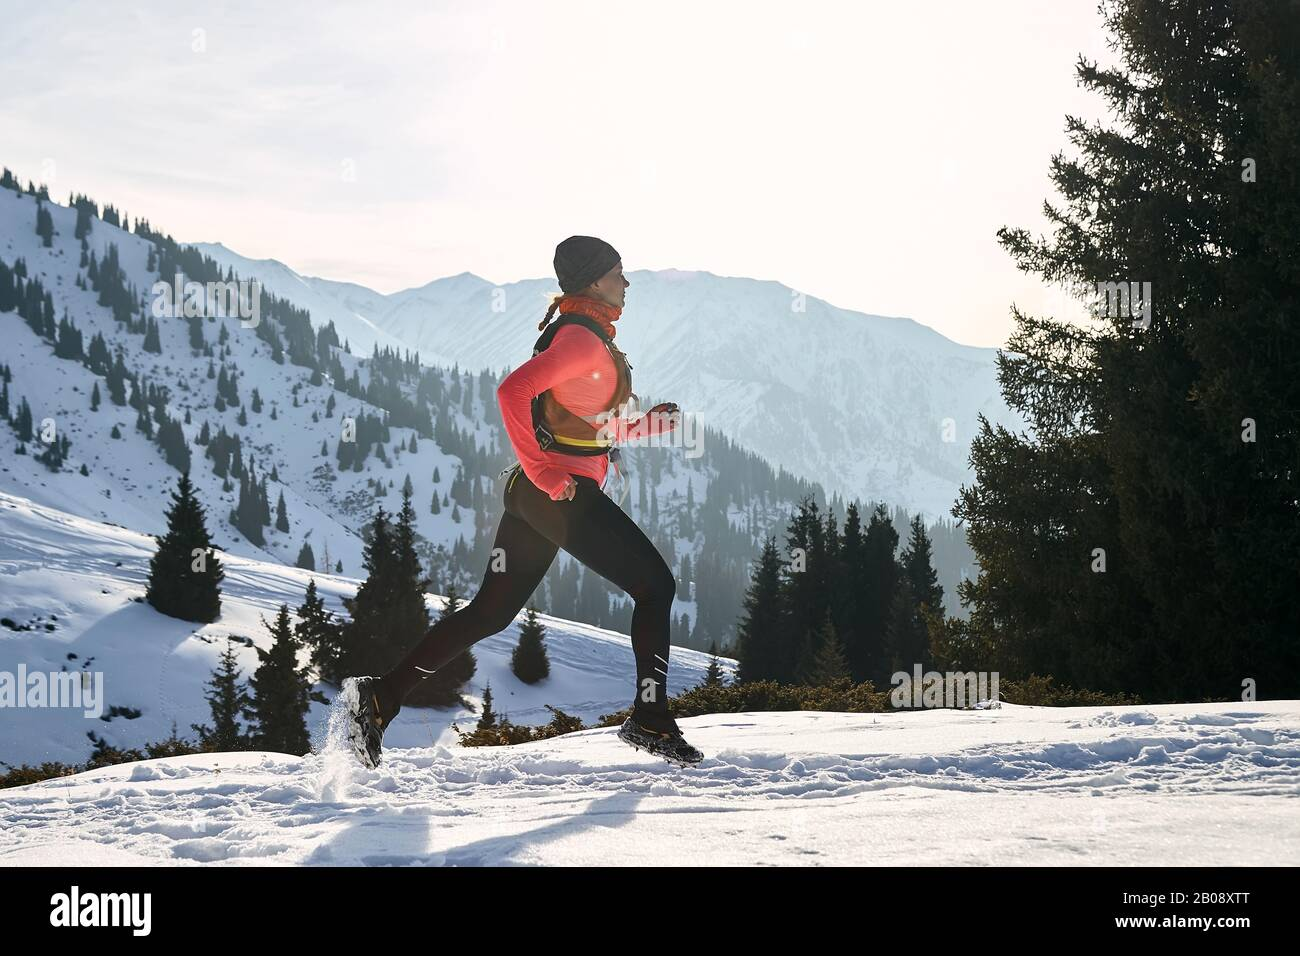 Corredor en chaqueta rosa mujer corriendo en invierno montaña camino en la nieve. Foto de stock